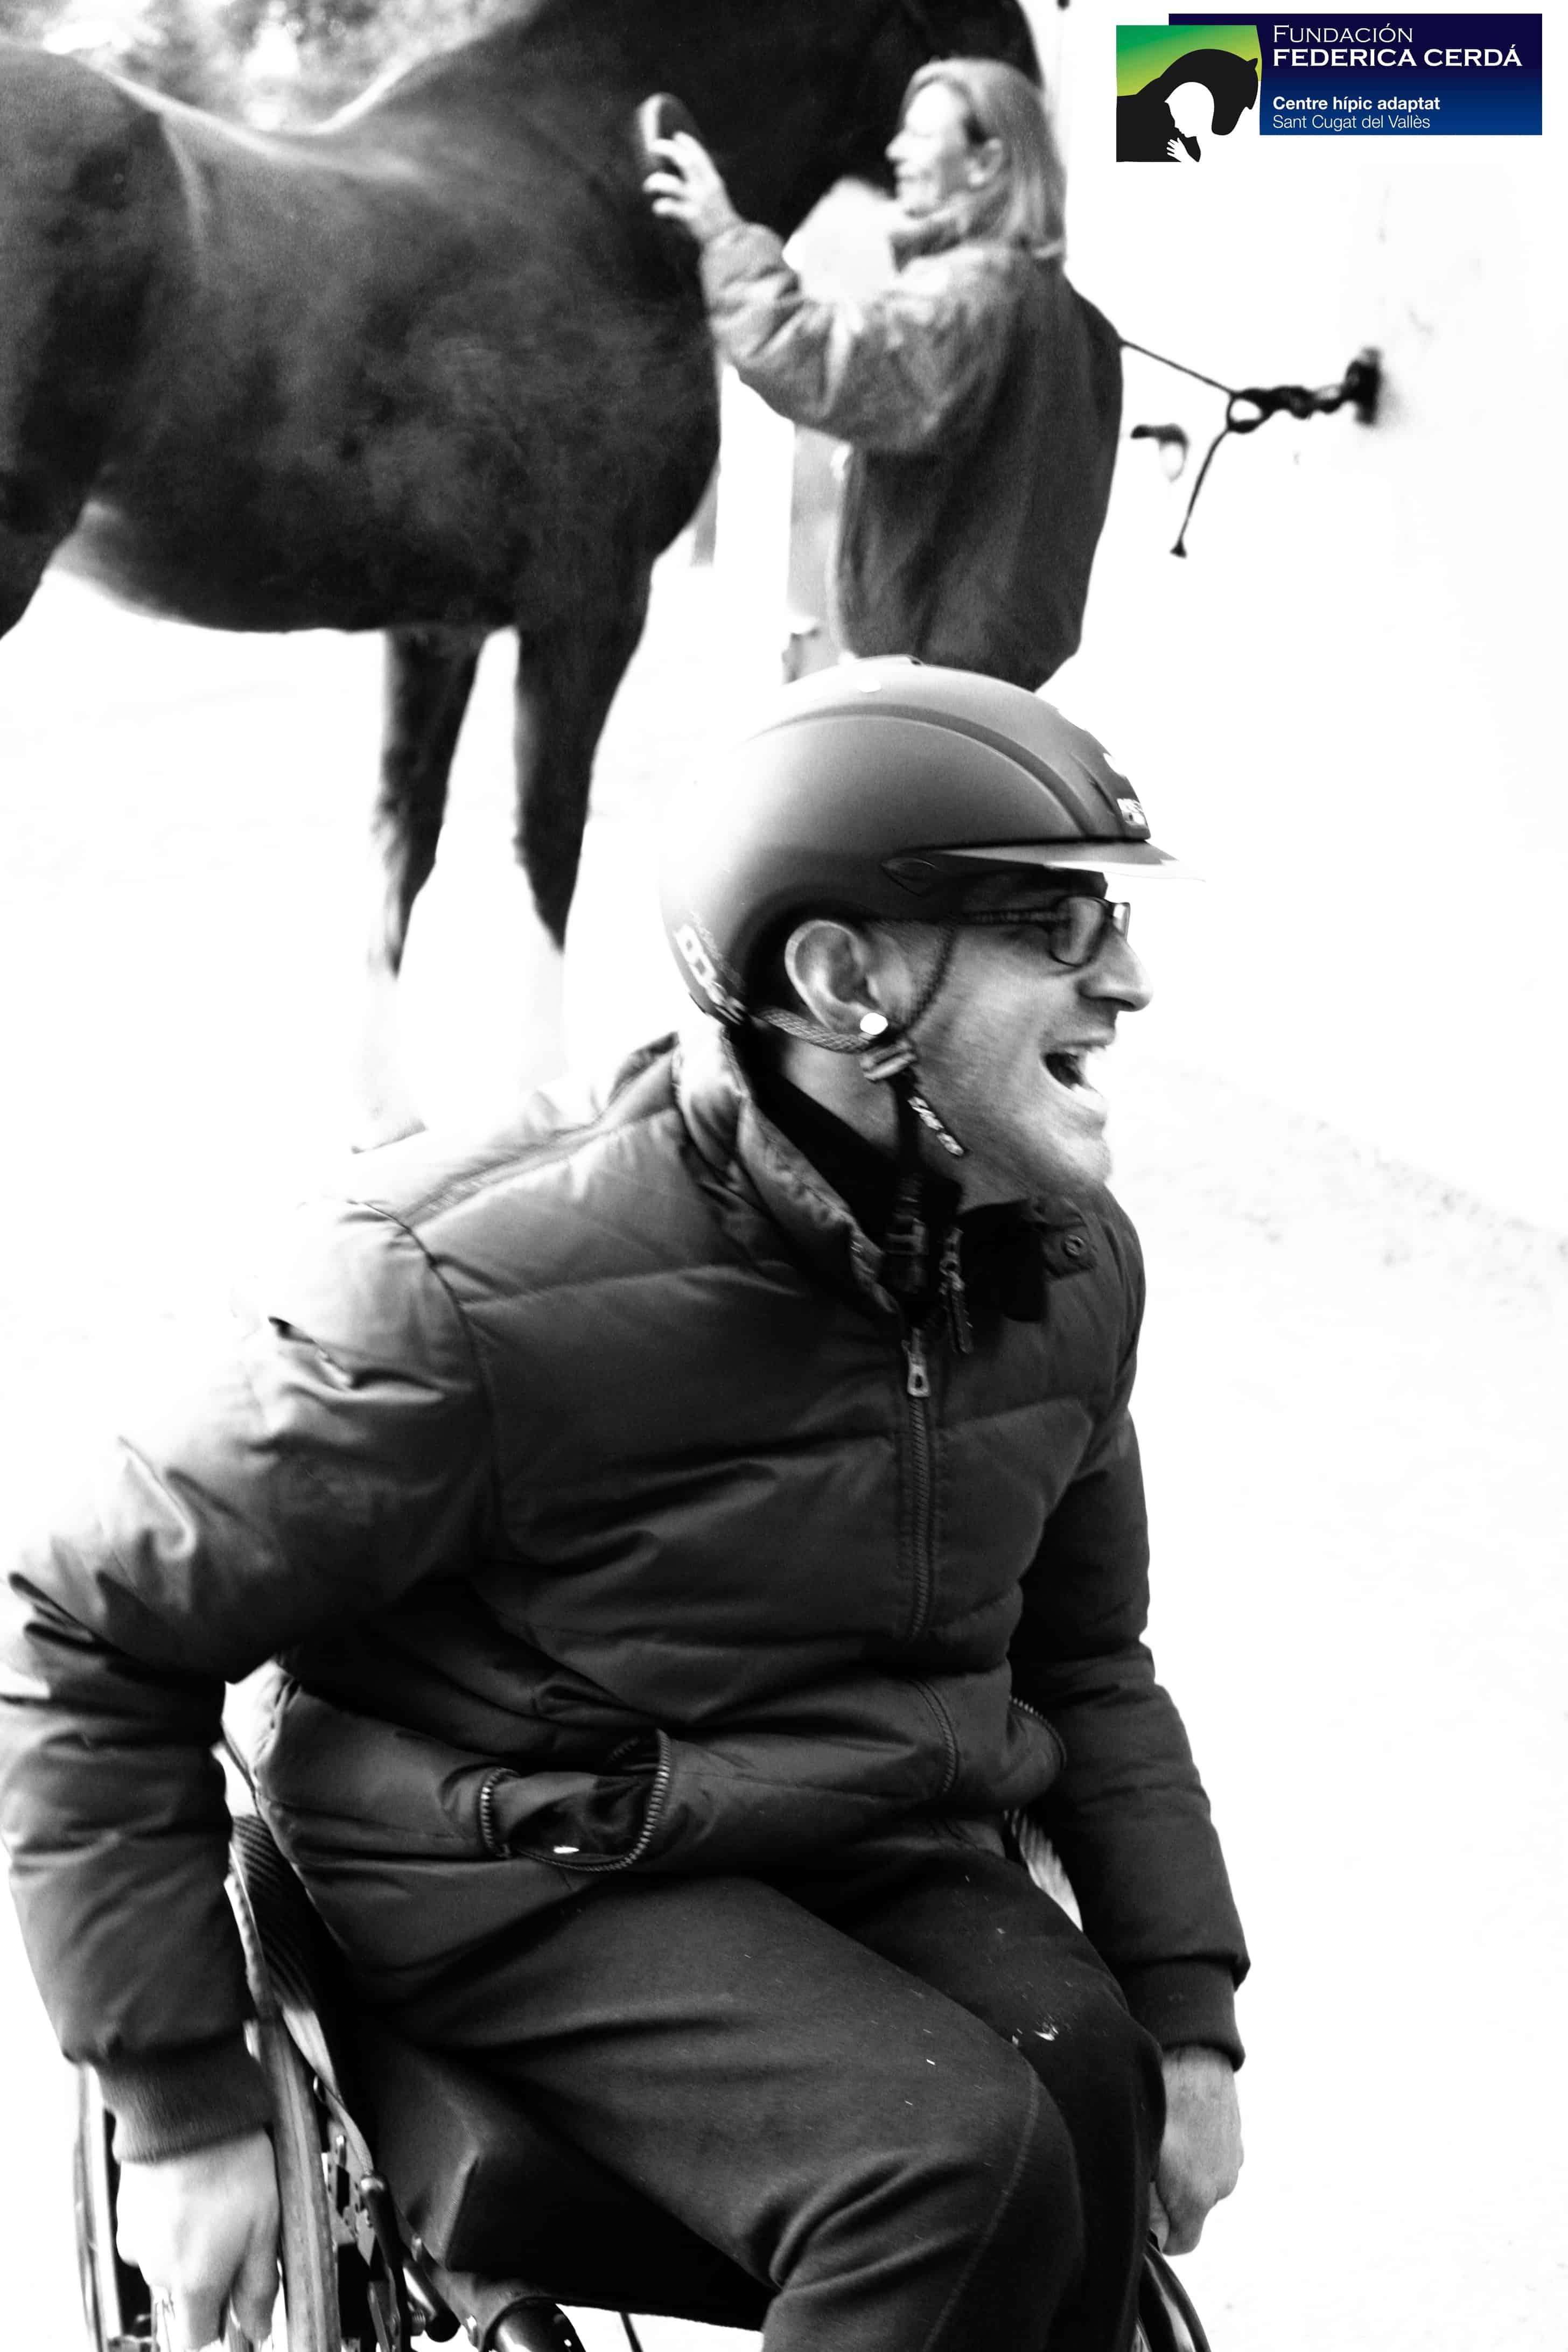 Hipoterapia, terapias a caballo, Fundación Federica Cerdá